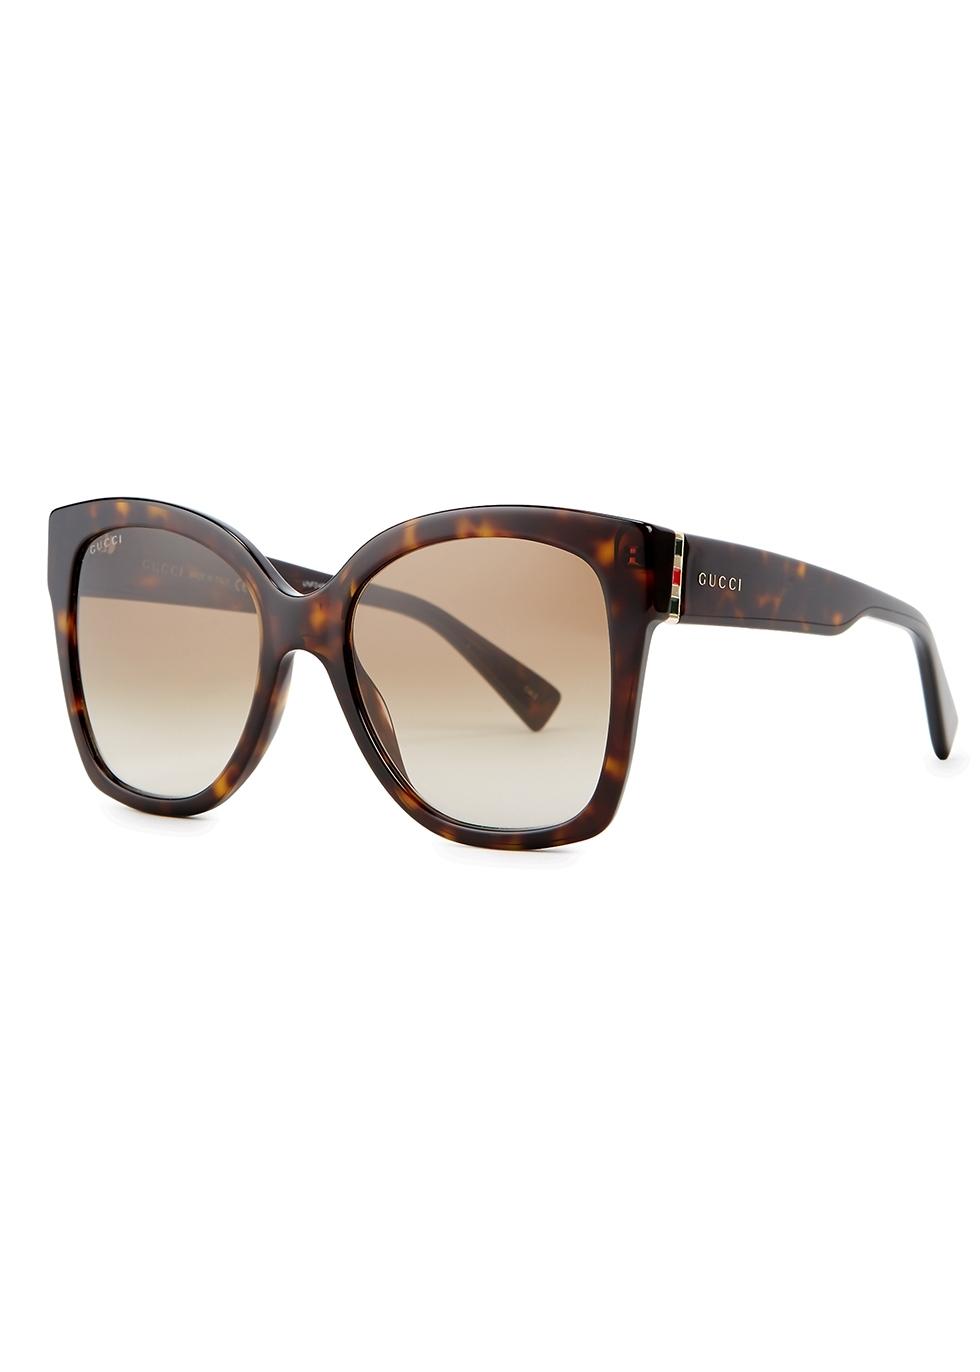 e0c55b0aa2 Gucci Sunglasses - Womens - Harvey Nichols